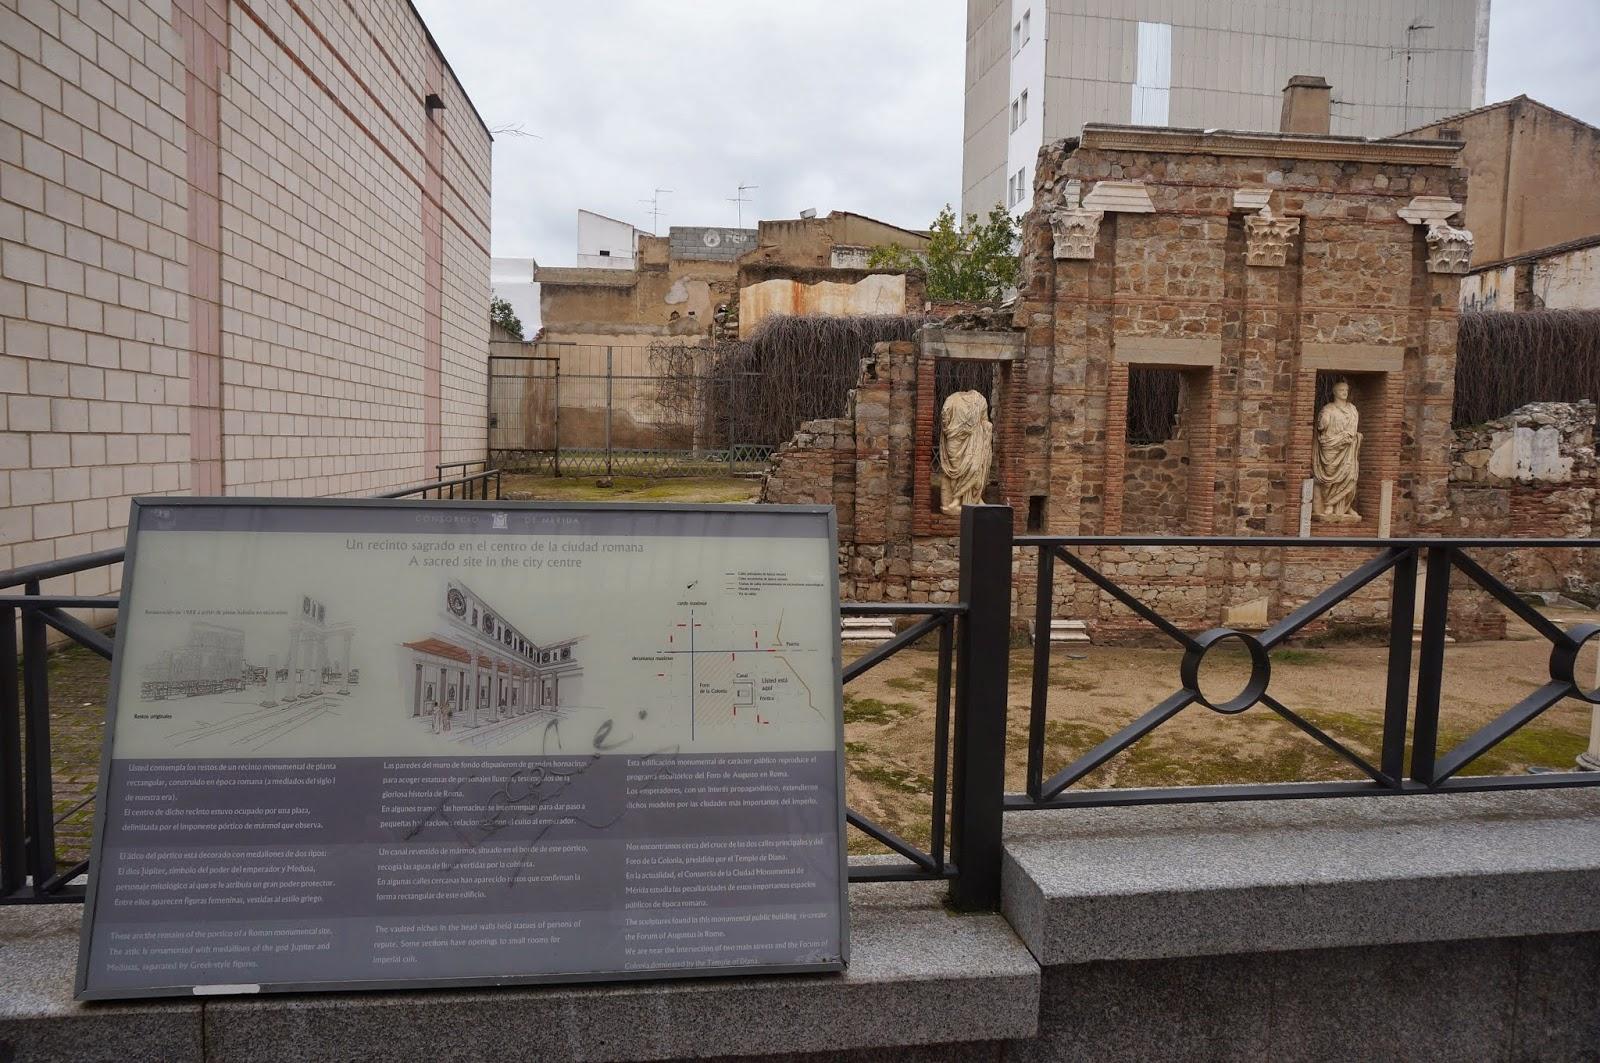 Ver su réplica original e historia del Pórtico del Foro